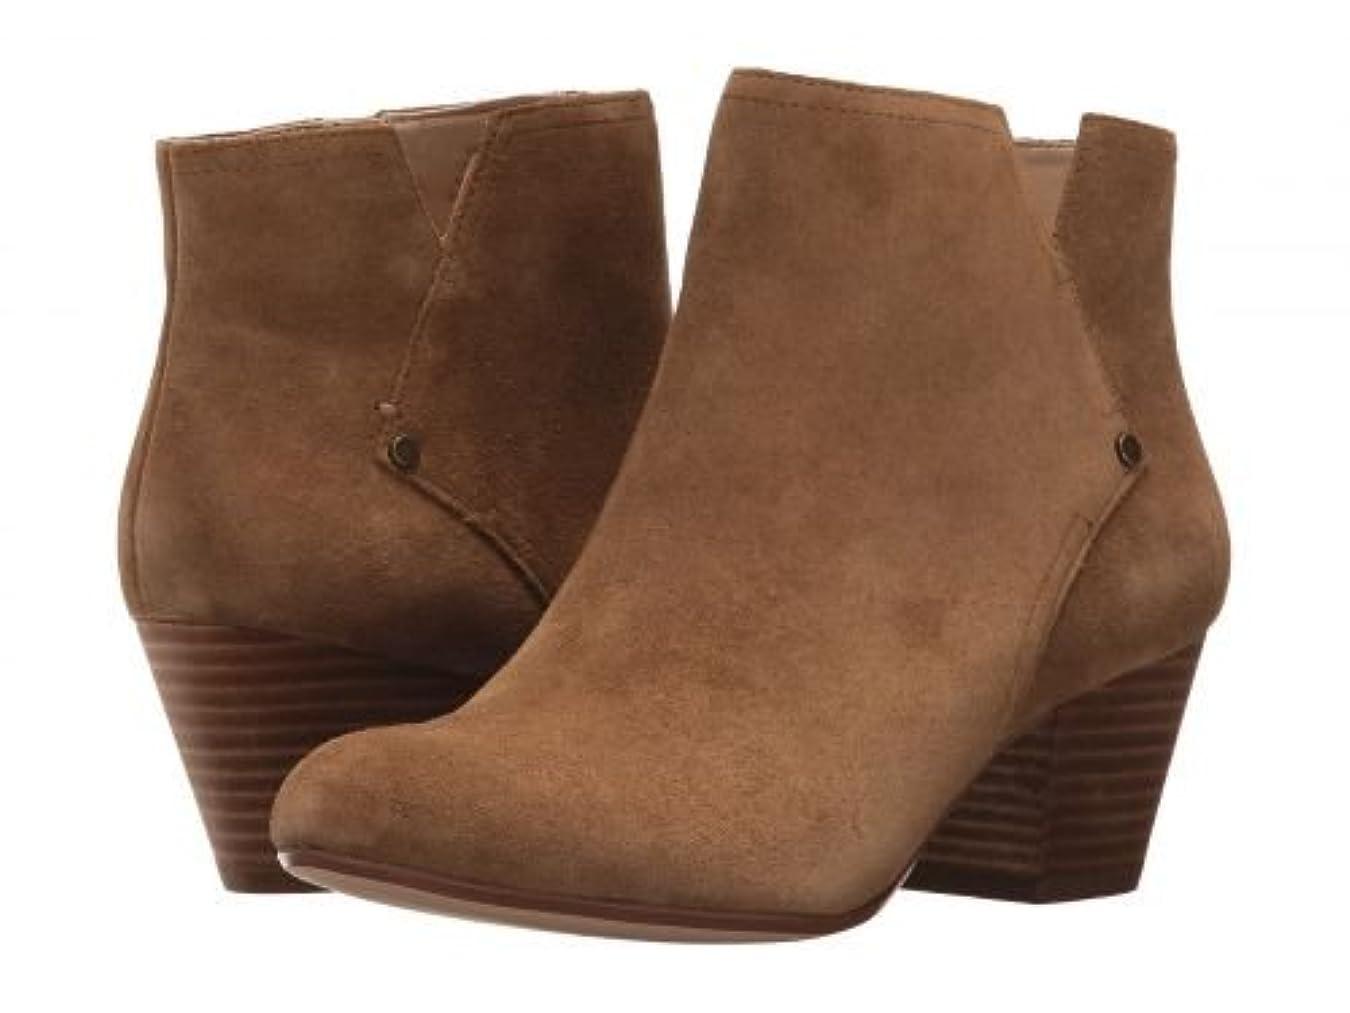 そよ風分注するハントNine West(ナインウエスト) レディース 女性用 シューズ 靴 ブーツ アンクルブーツ ショート Hadriel - Green Suede [並行輸入品]